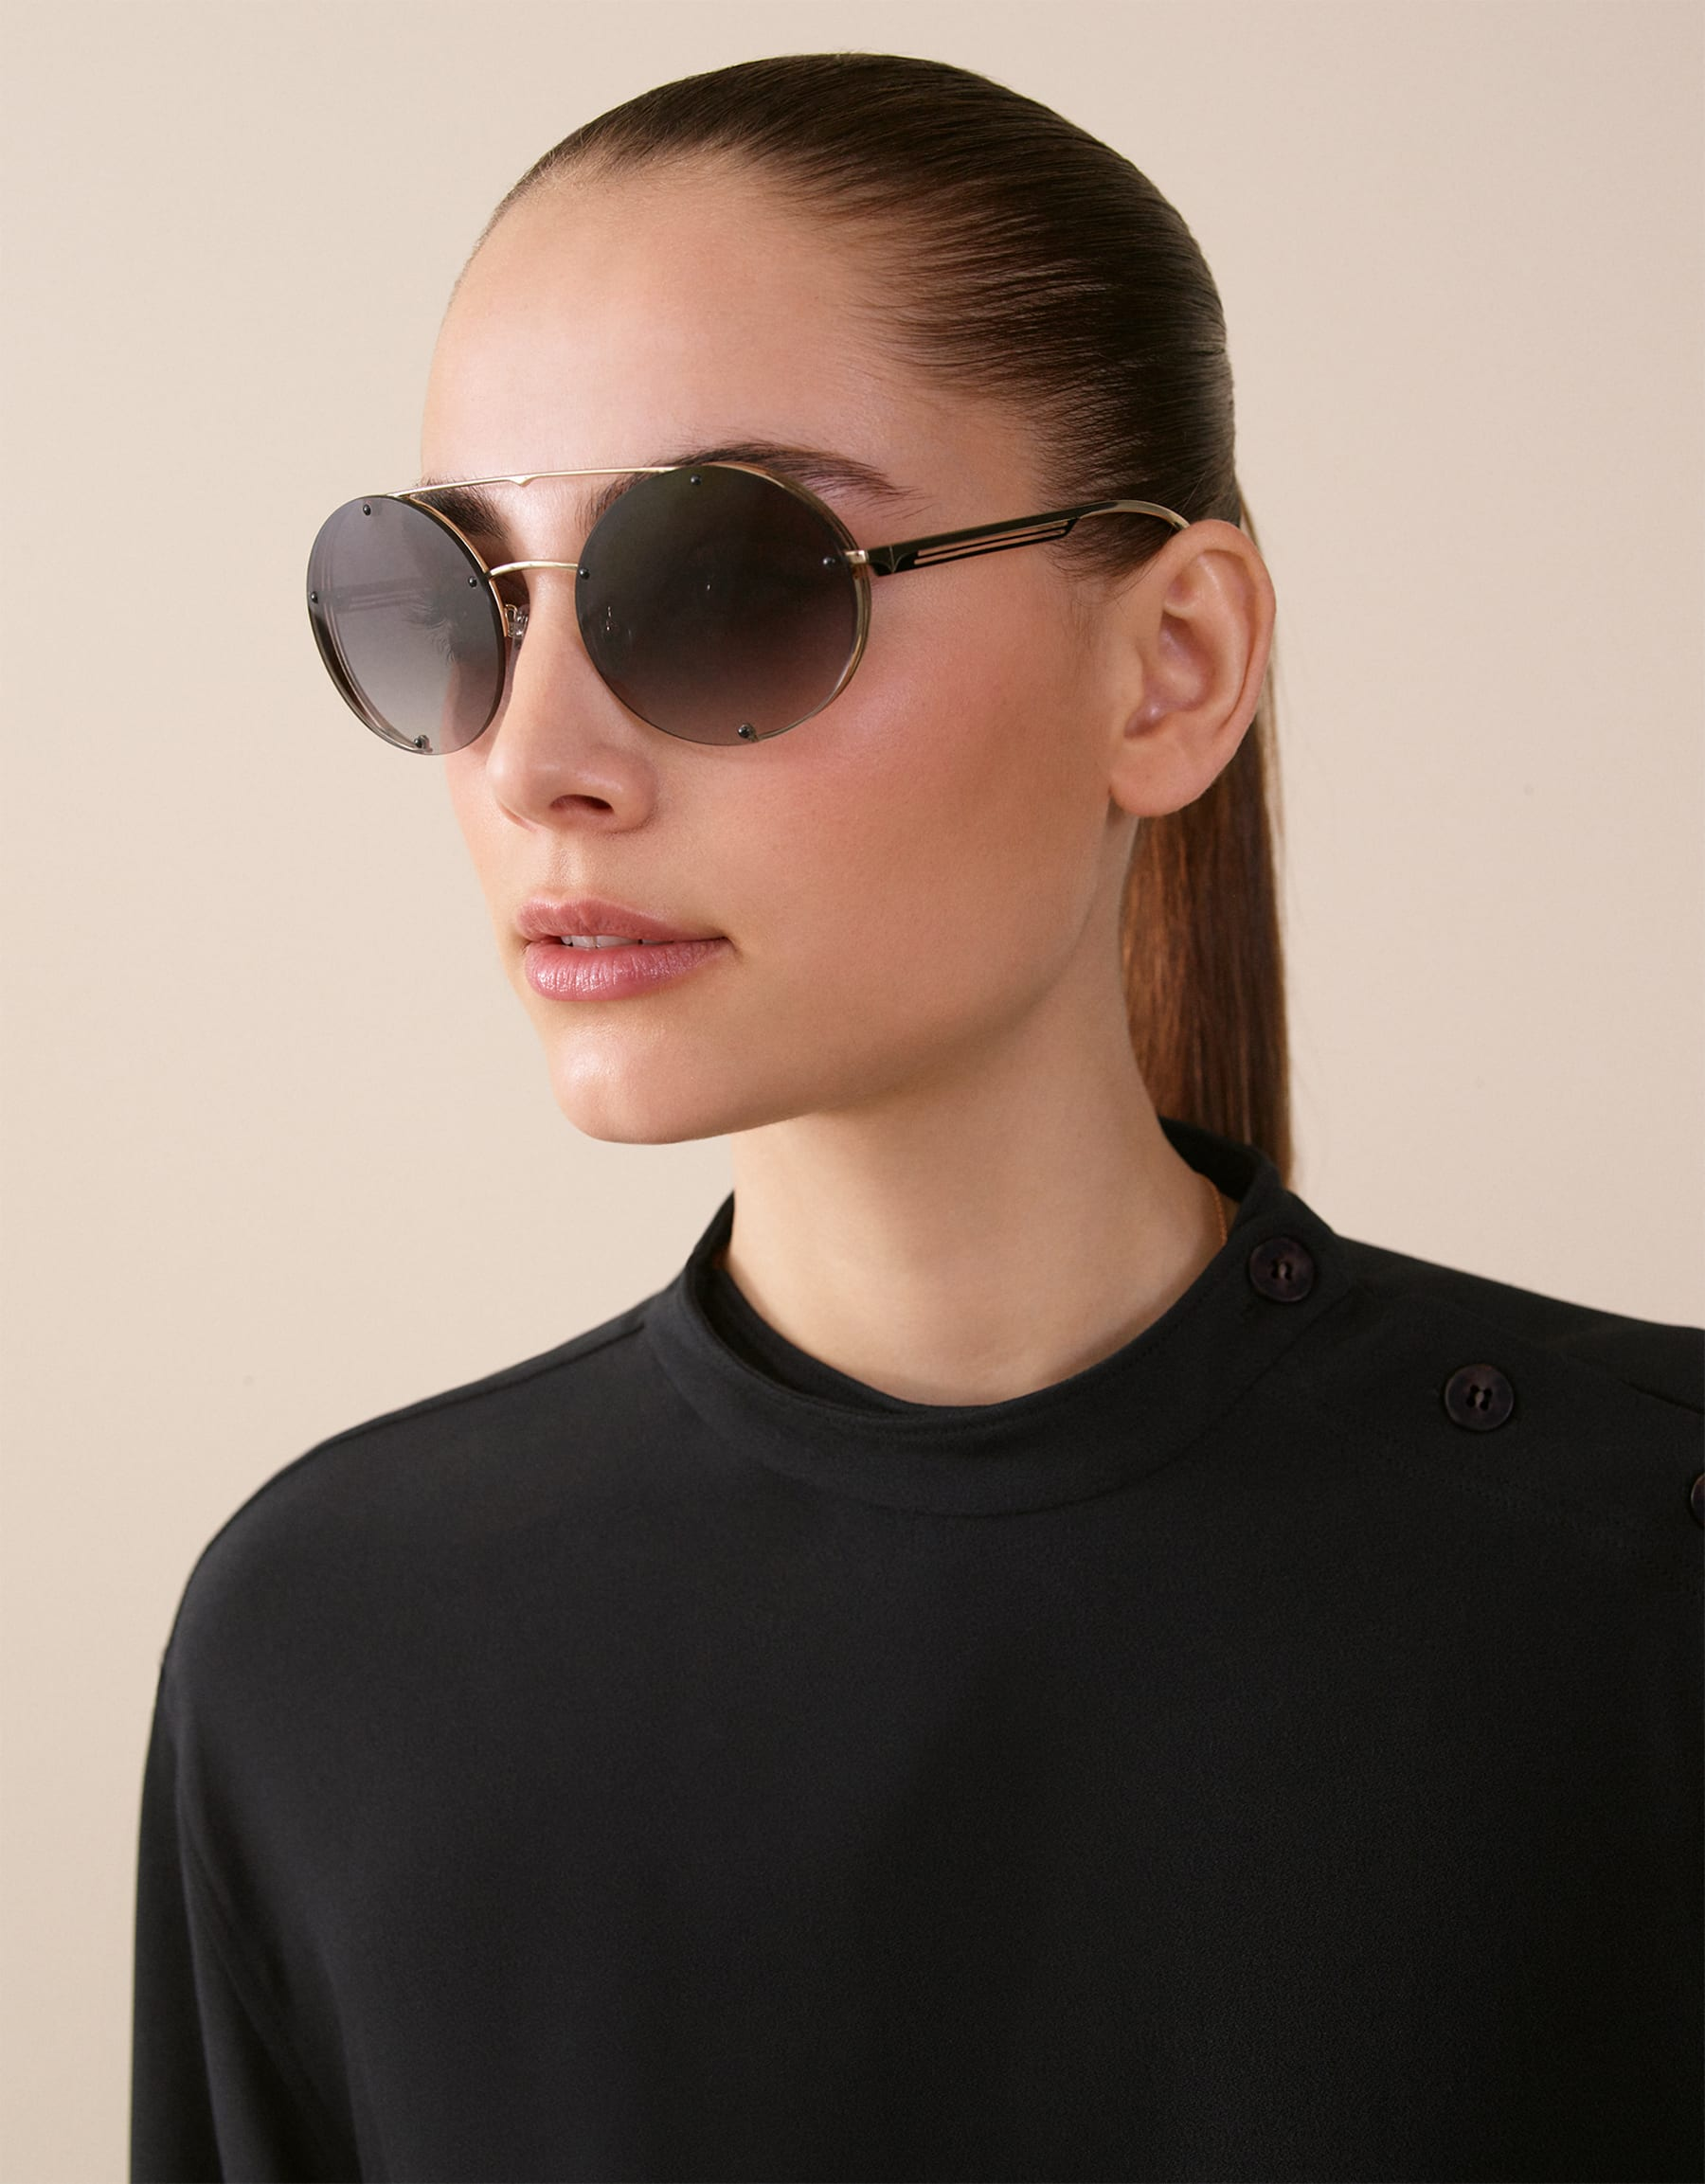 Bvlgari B.zero1 B.flyingstripe round metal aviator sunglasses. 903815 image 3